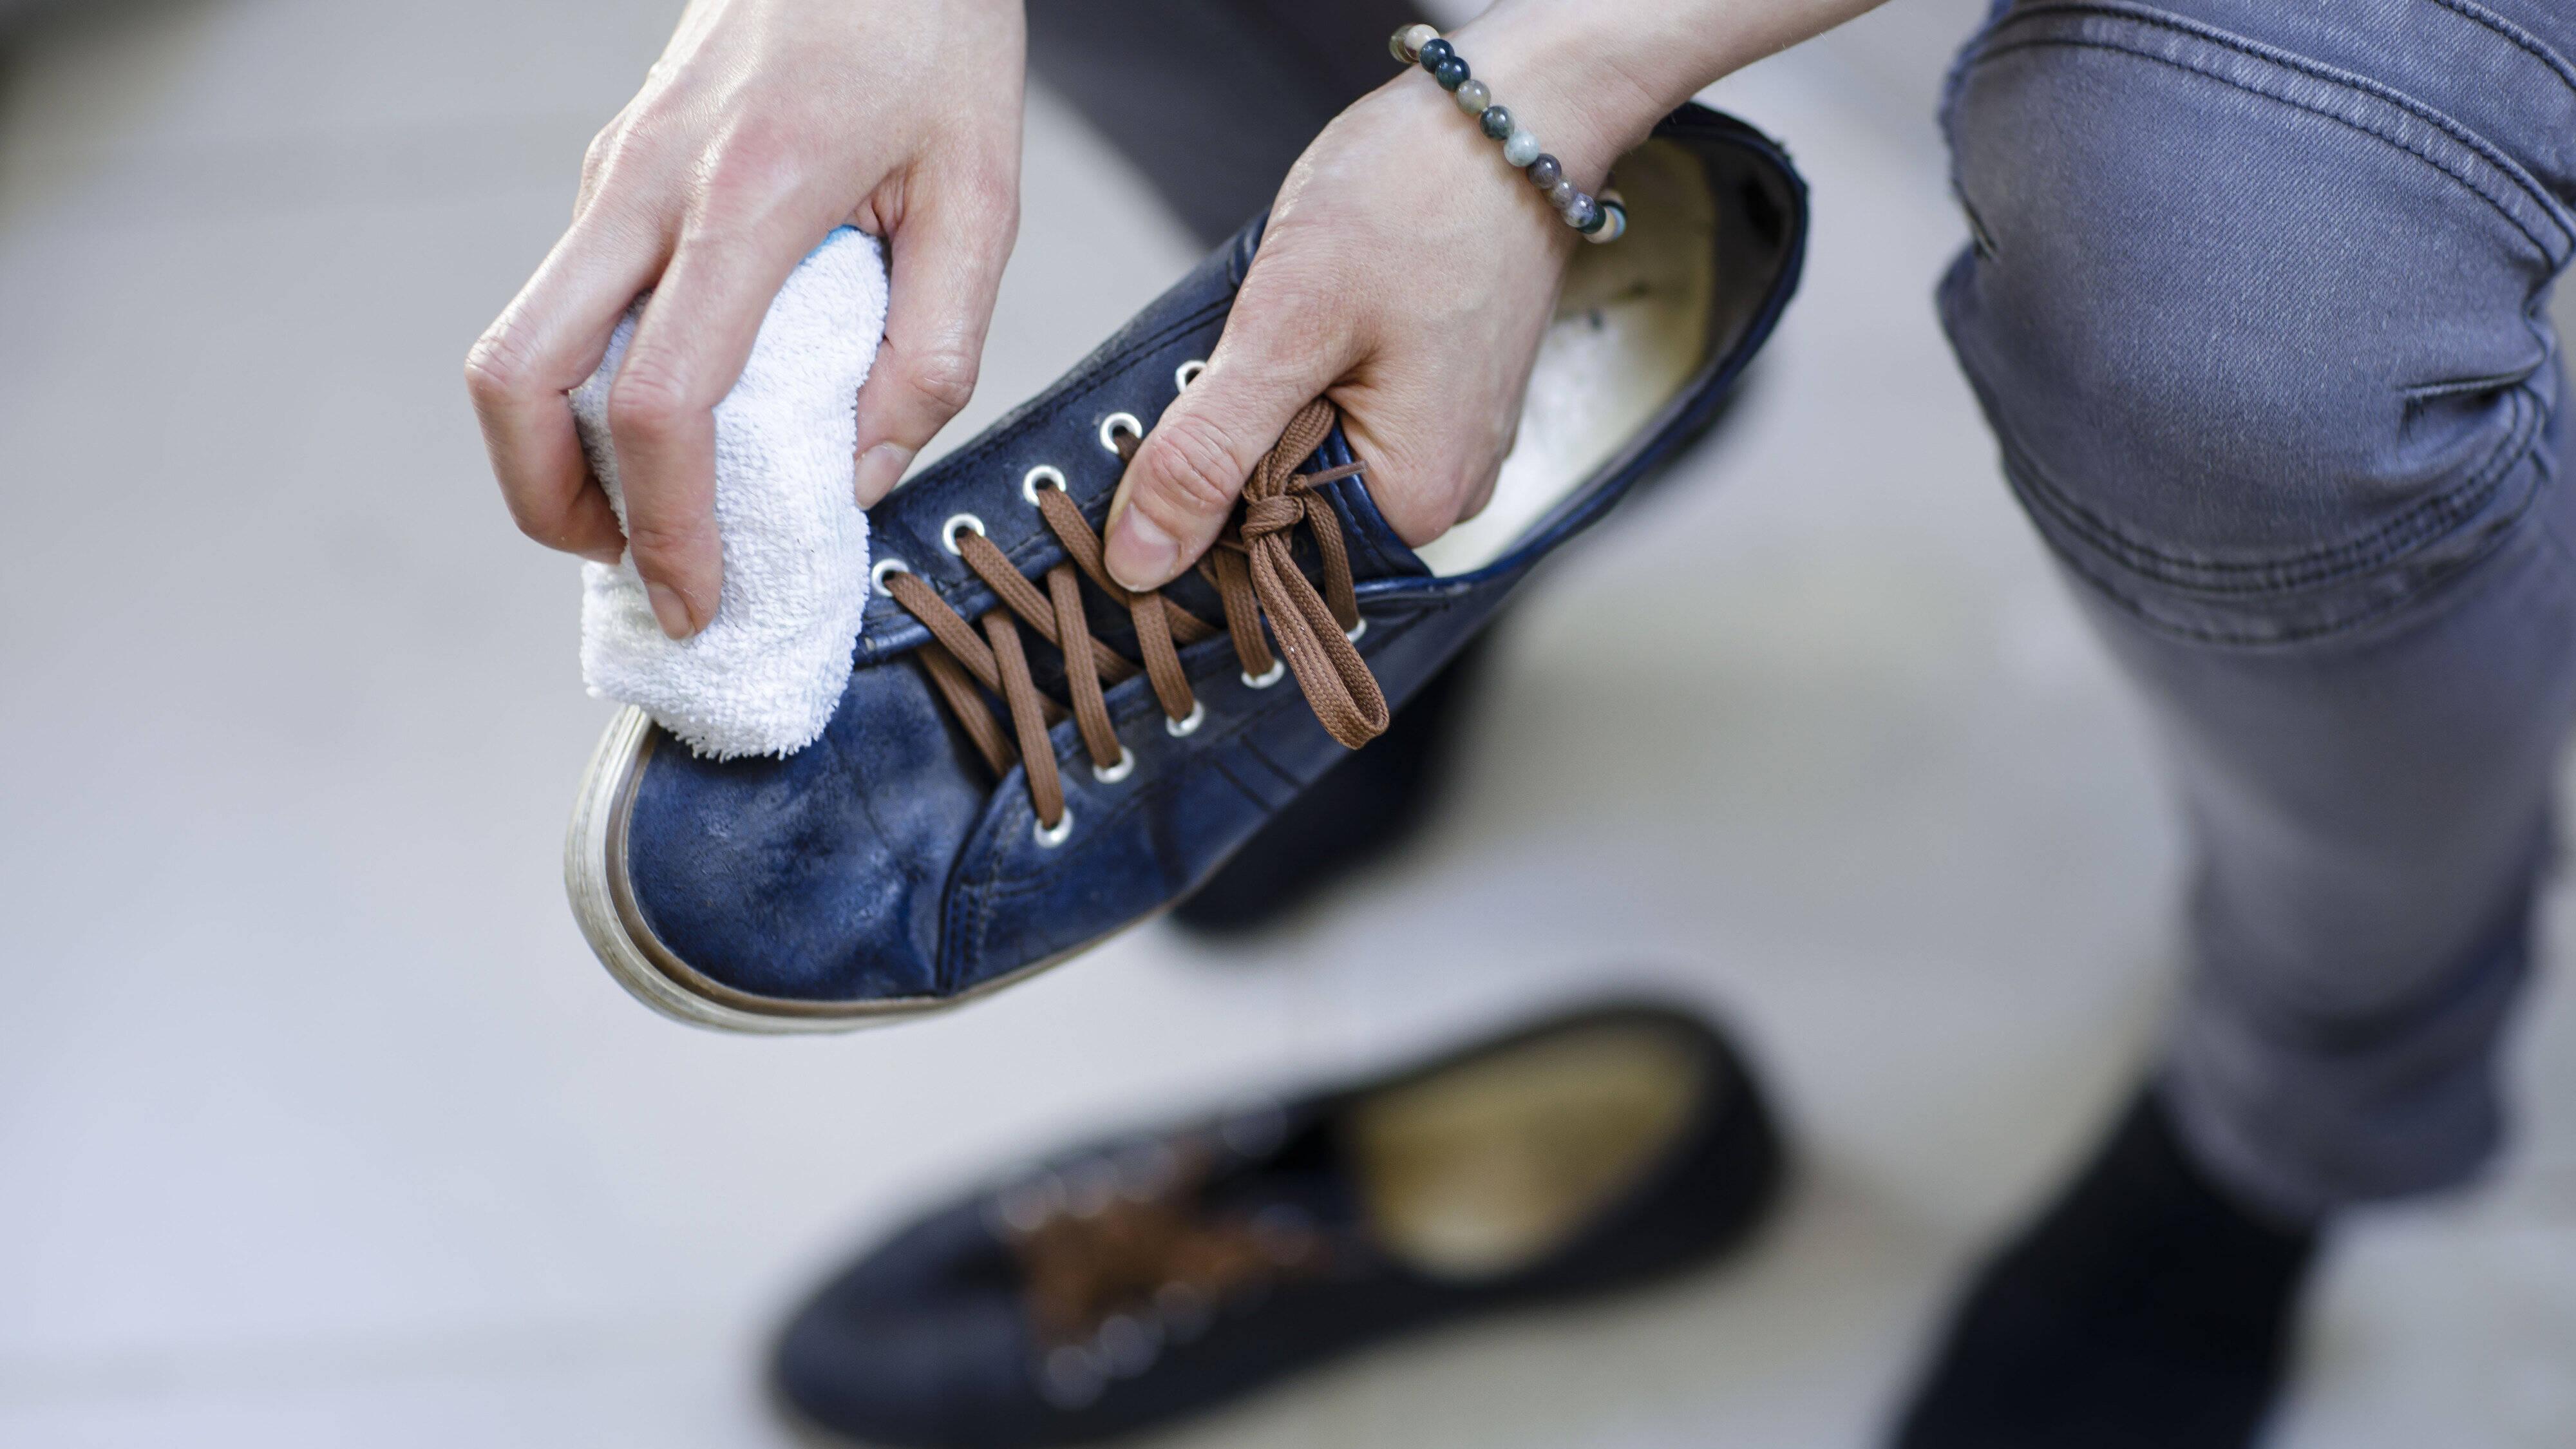 Polieren Sie Ihre Schuhe, damit sie länger halten.